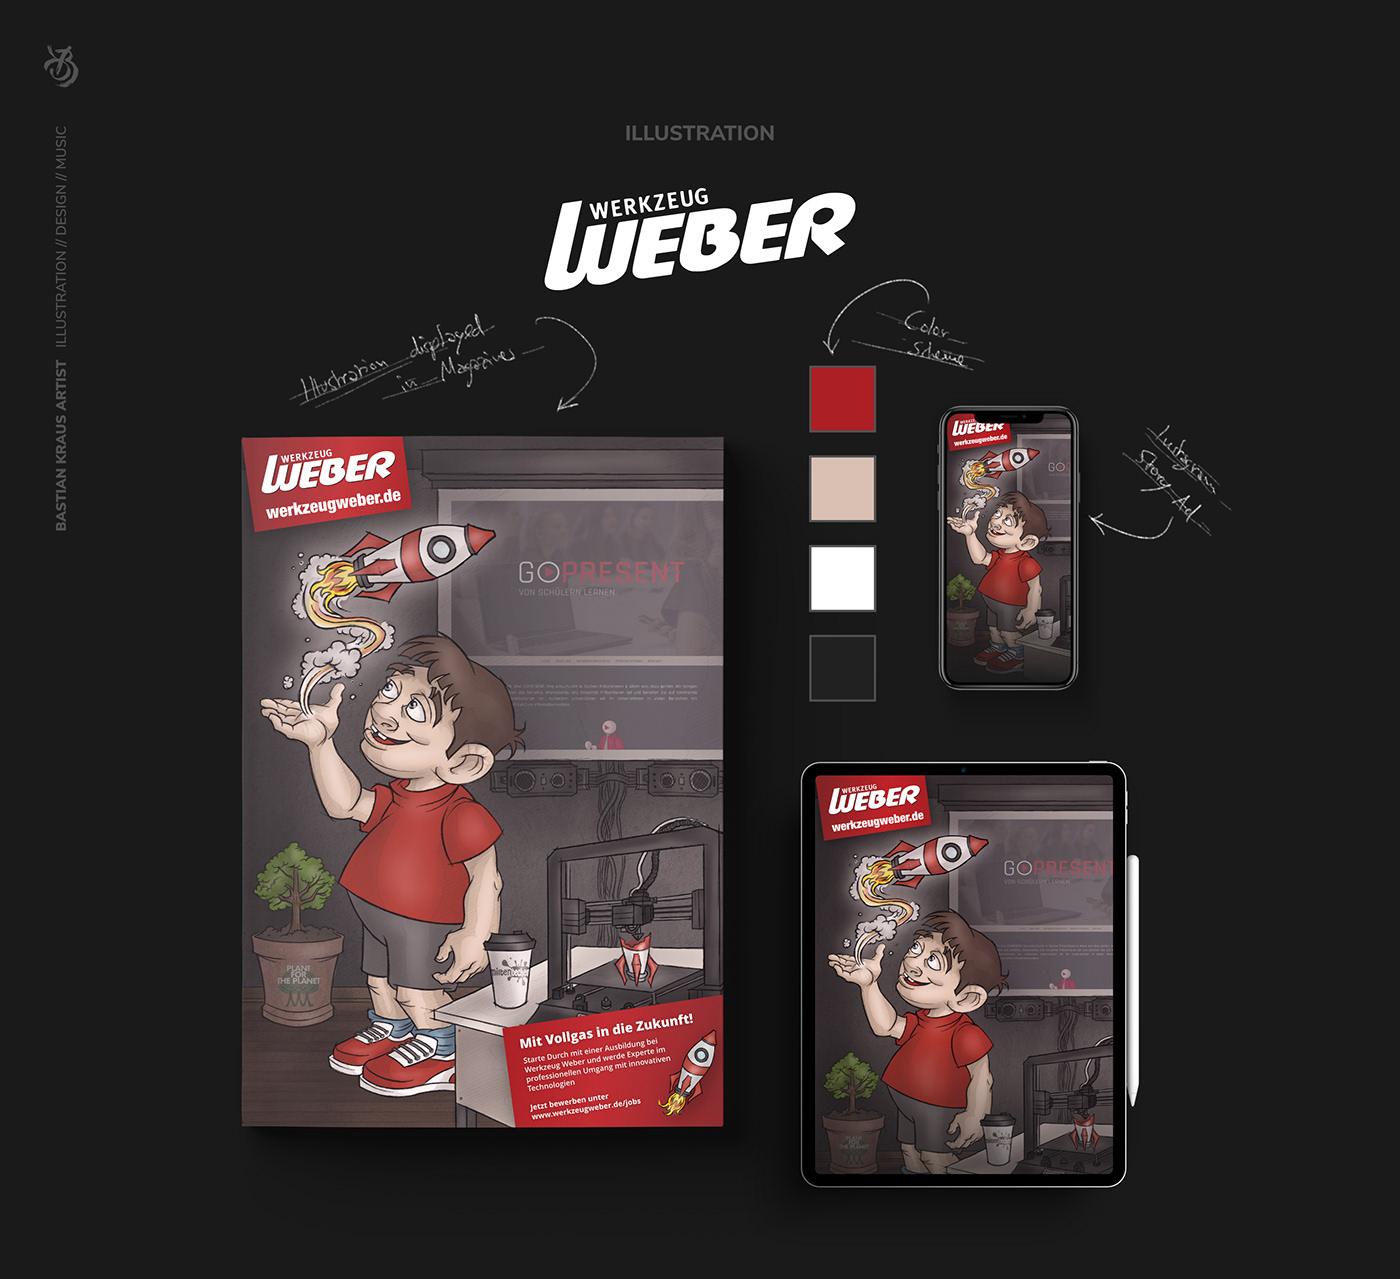 WERKZEUG WEBER // Overview